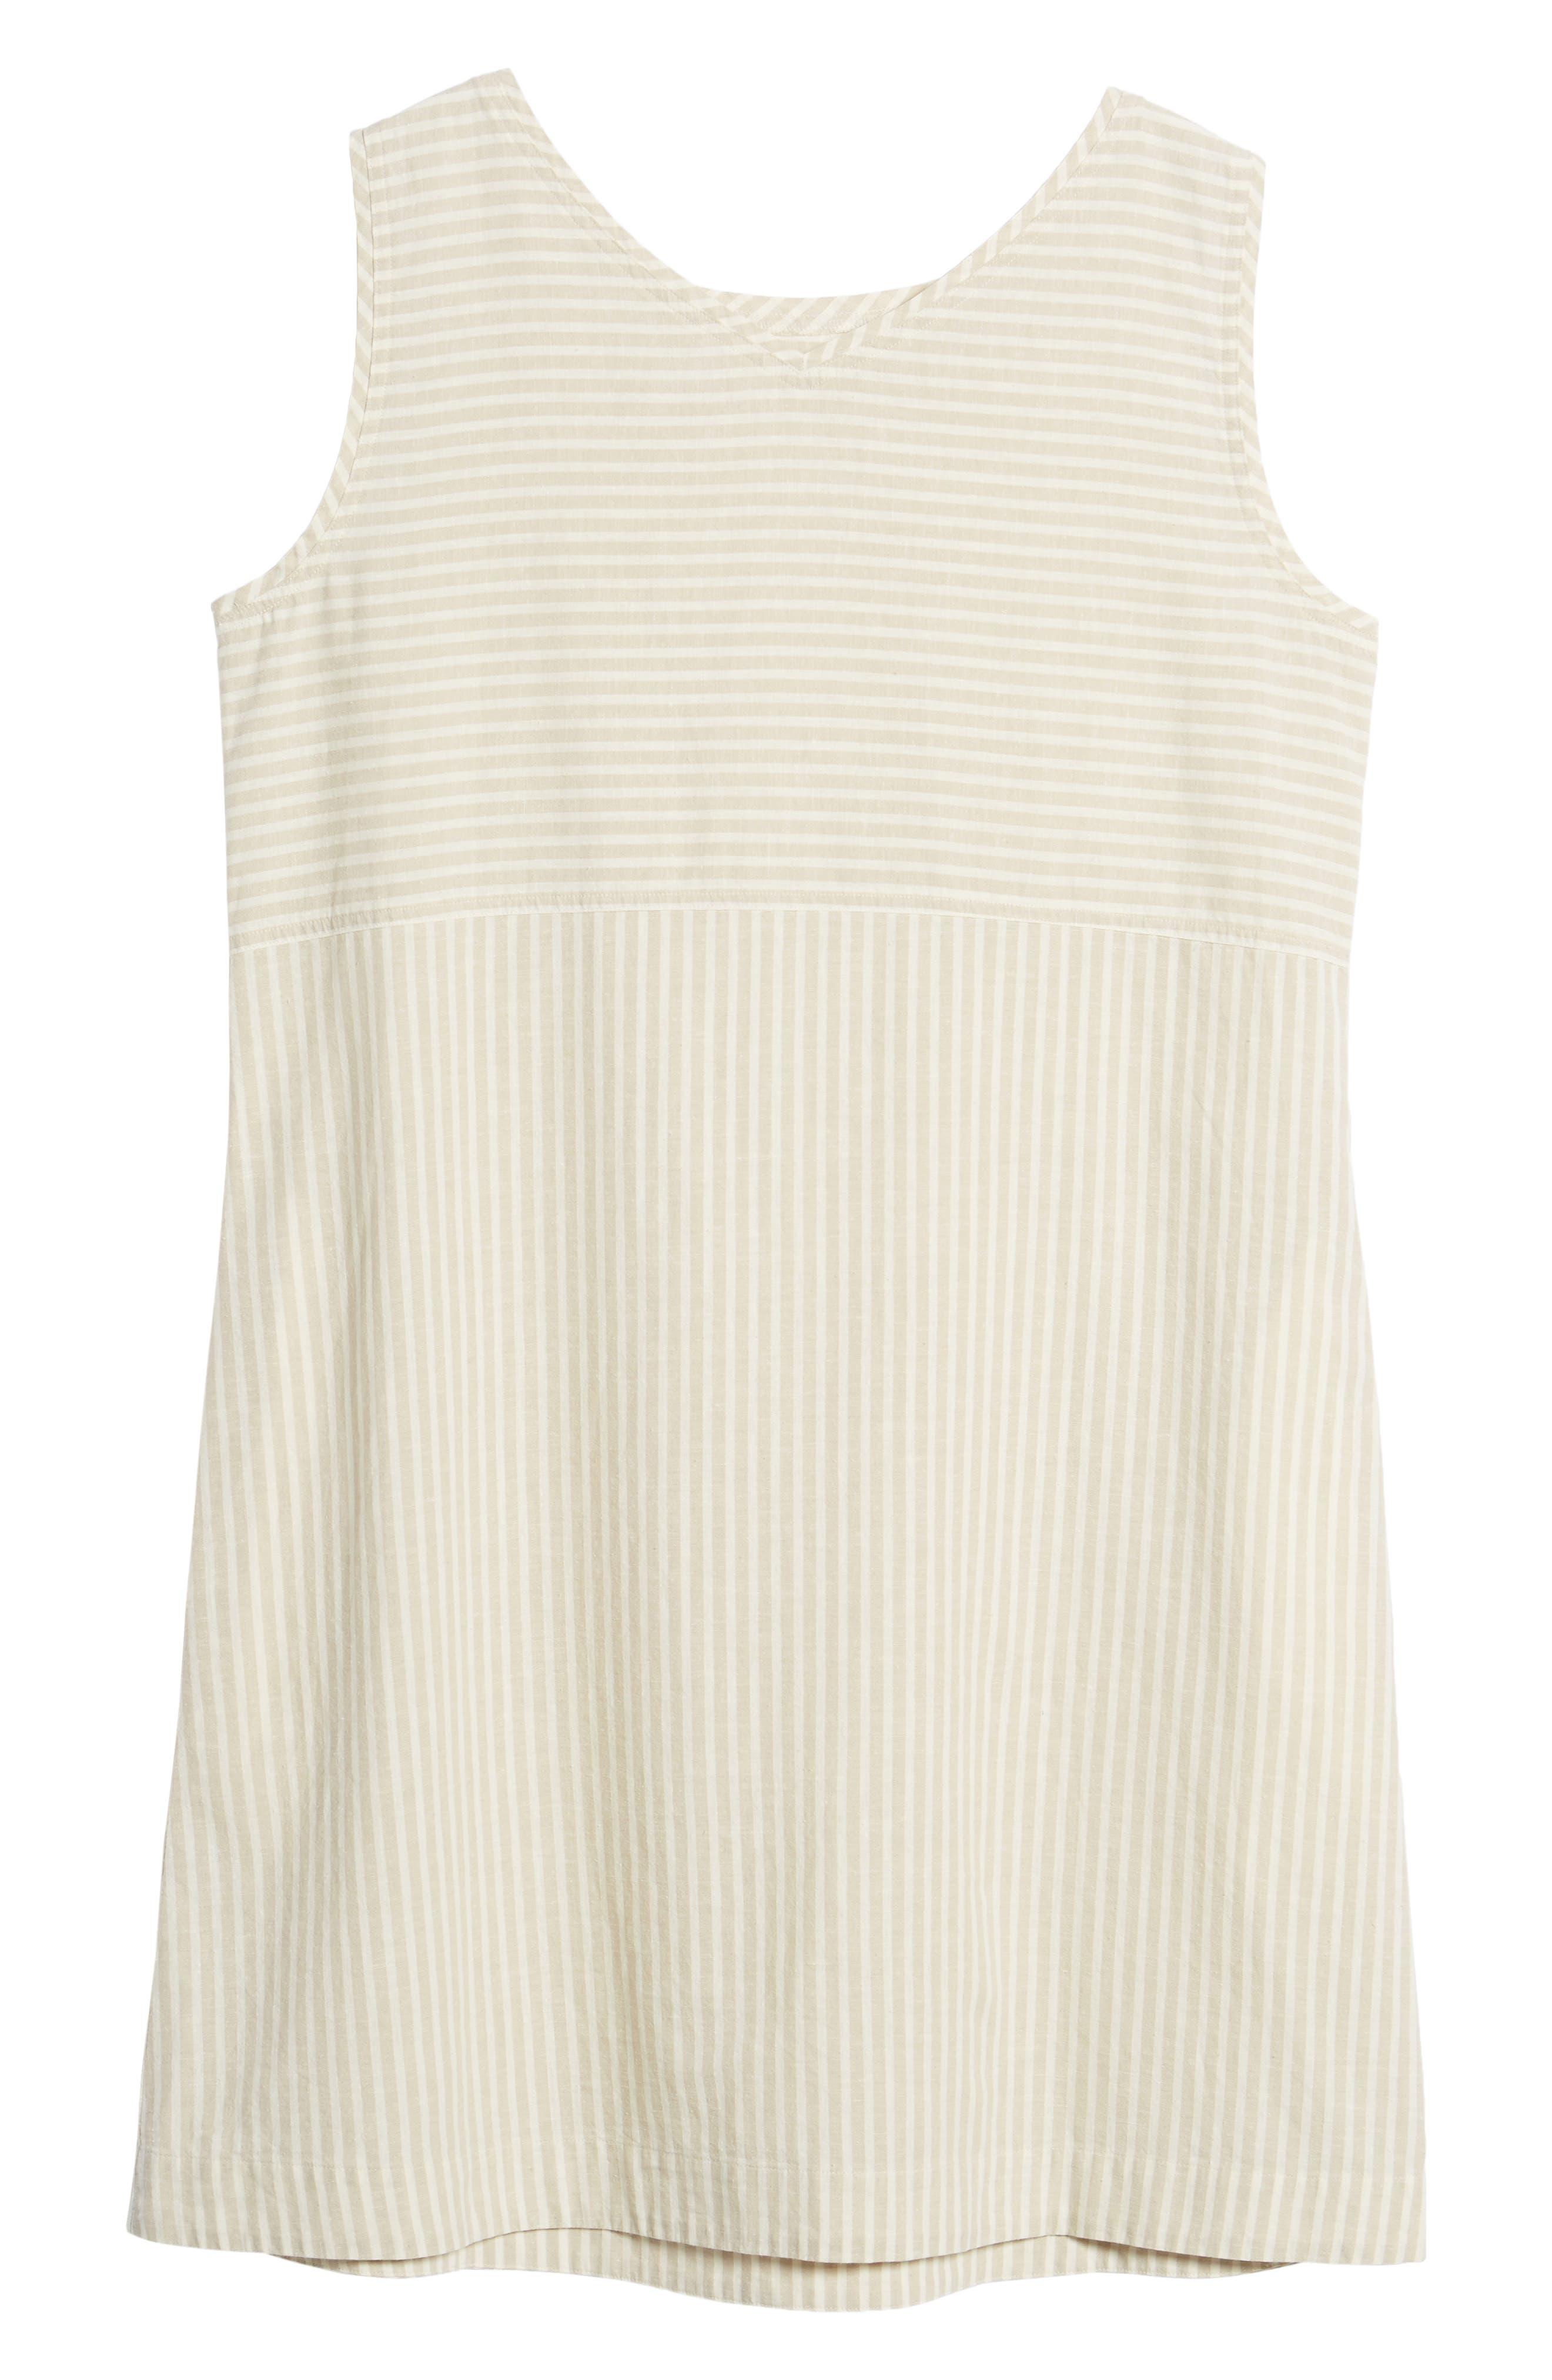 Varied Stripe Hemp & Organic Cotton Shift Dress,                             Alternate thumbnail 7, color,                             257